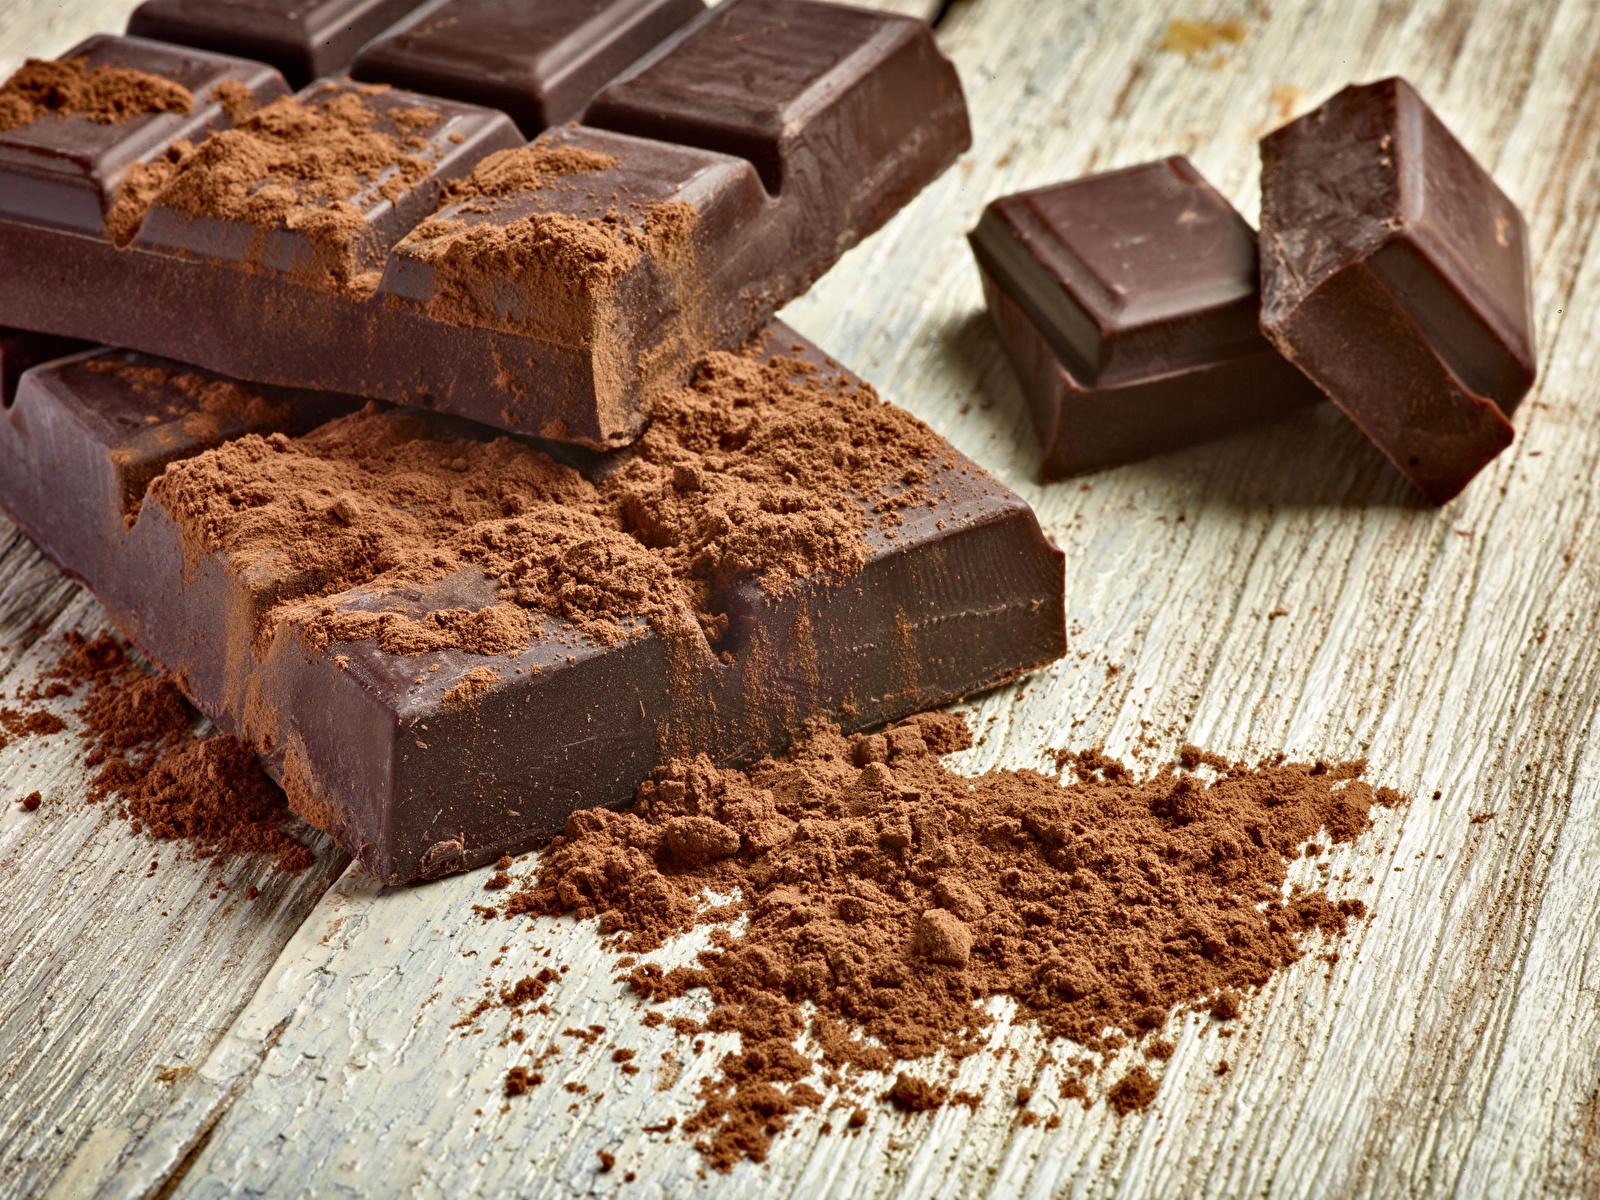 Картинки Пища Шоколад Доски Какао порошок сладкая еда шоколадка 1600x1200 Еда Продукты питания Сладости Шоколадная плитка